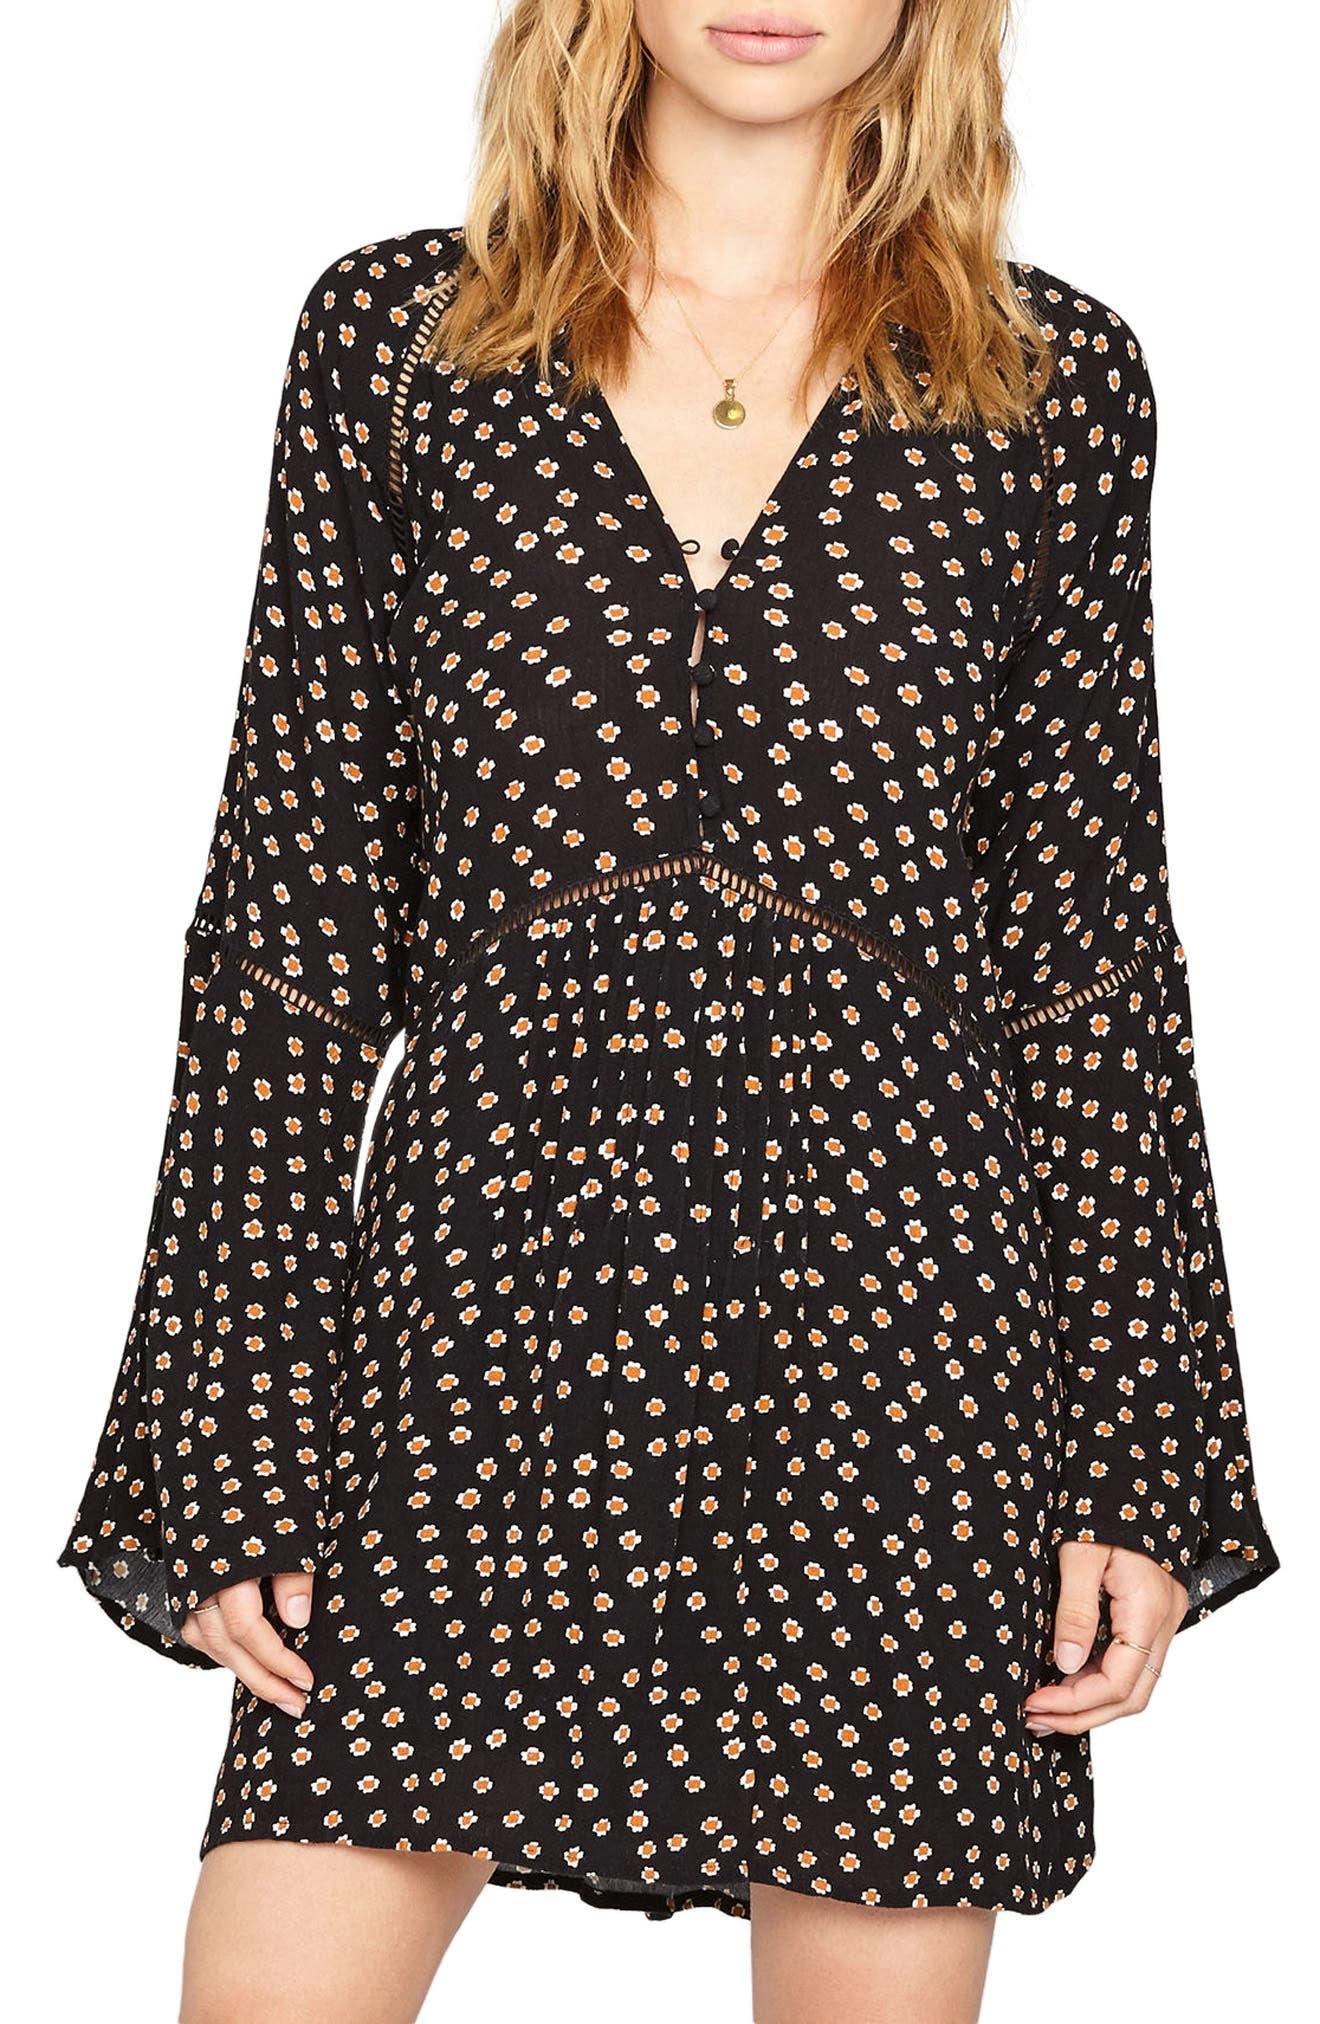 Lovestruck Empire Waist Dress,                         Main,                         color, 001